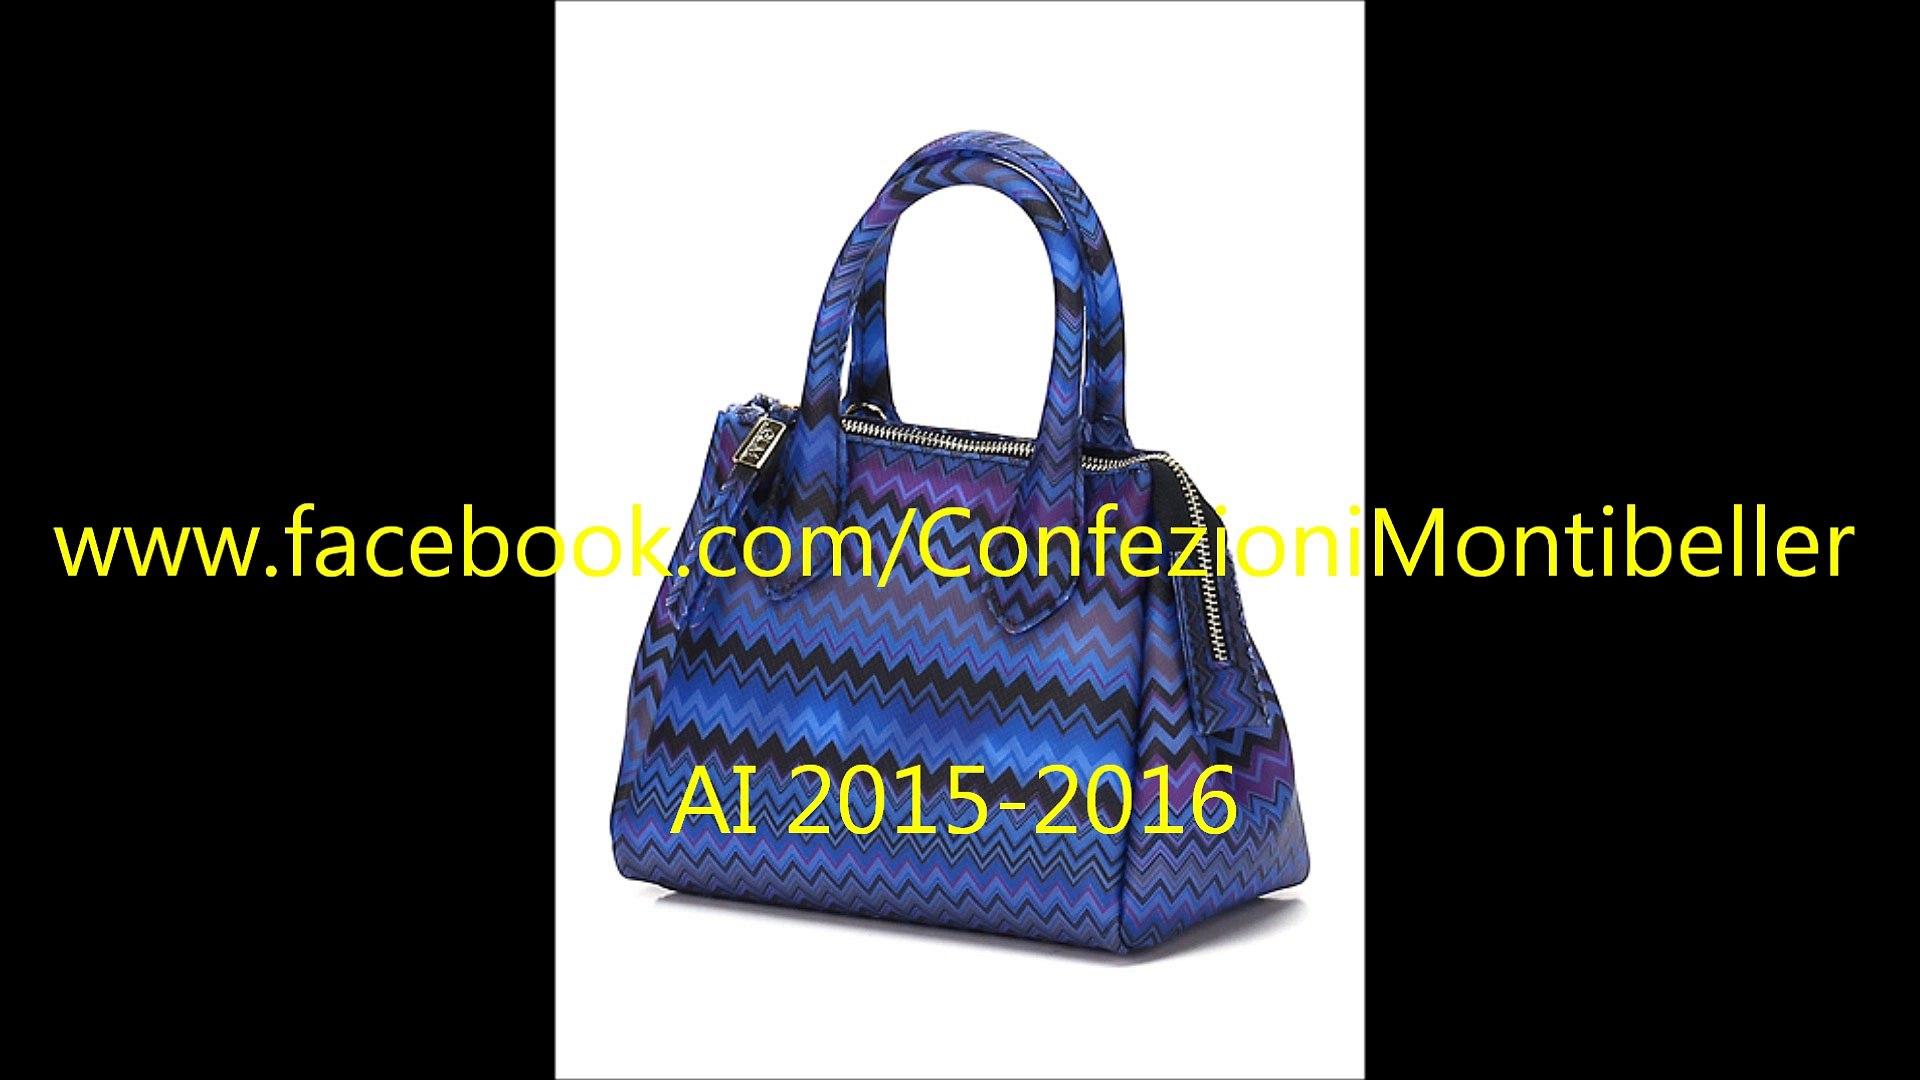 https://www.facebook.com/ConfezioniMontibeller AI 2015-2016 GUM GIANNI CHIARINI